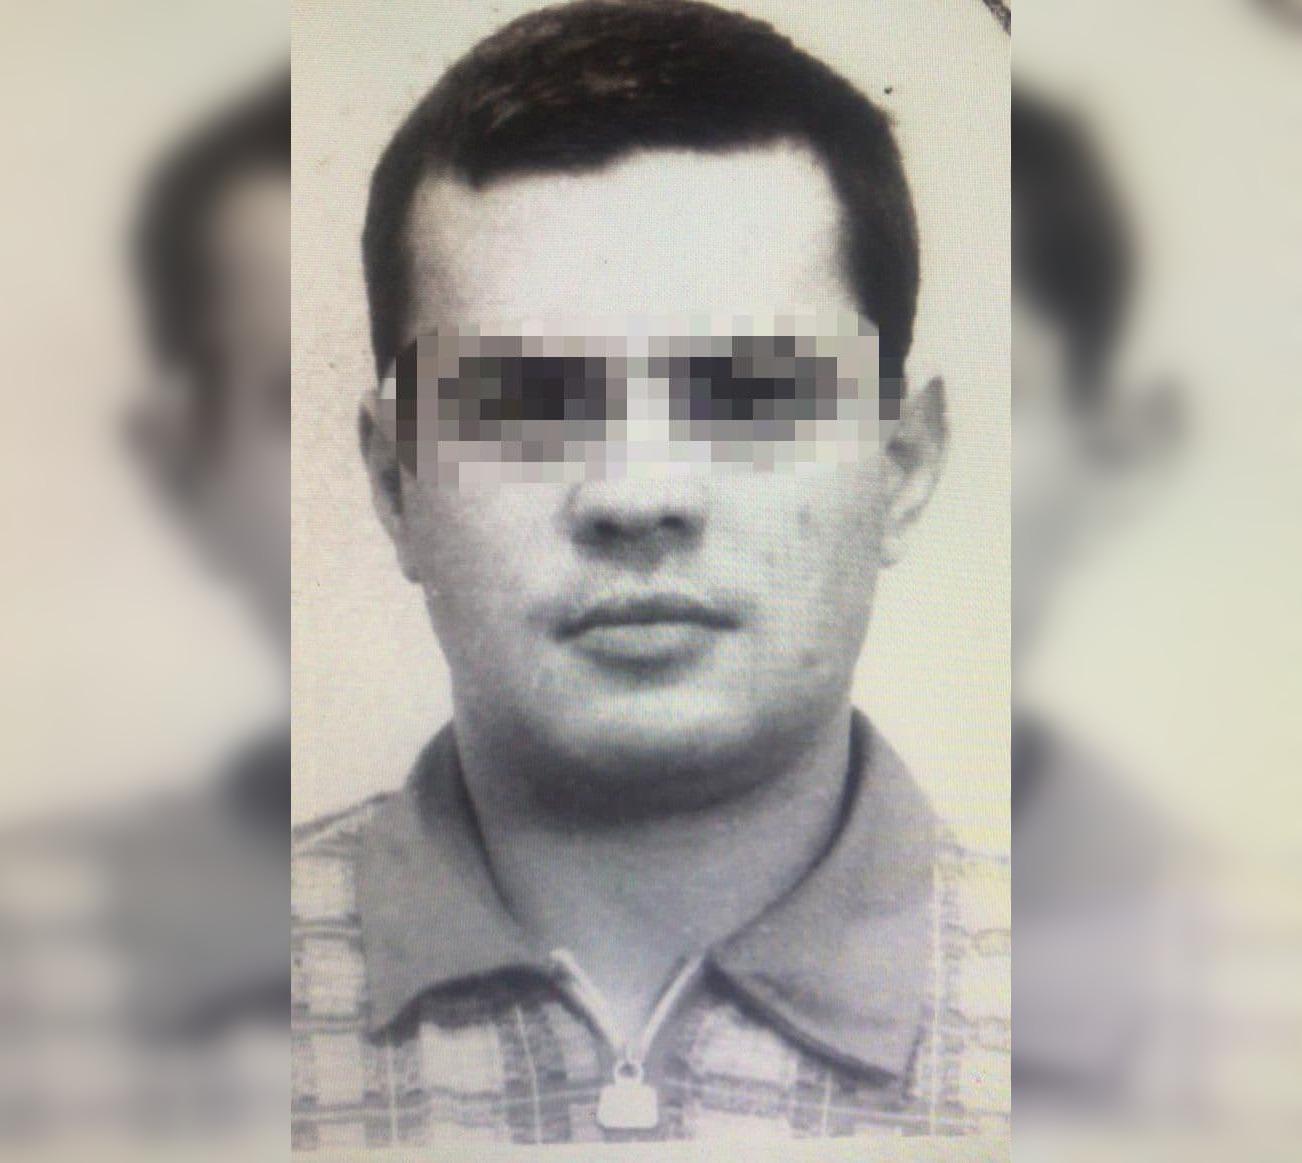 Последнего беглеца из краснодарской психбольницы задержали в Курганинске